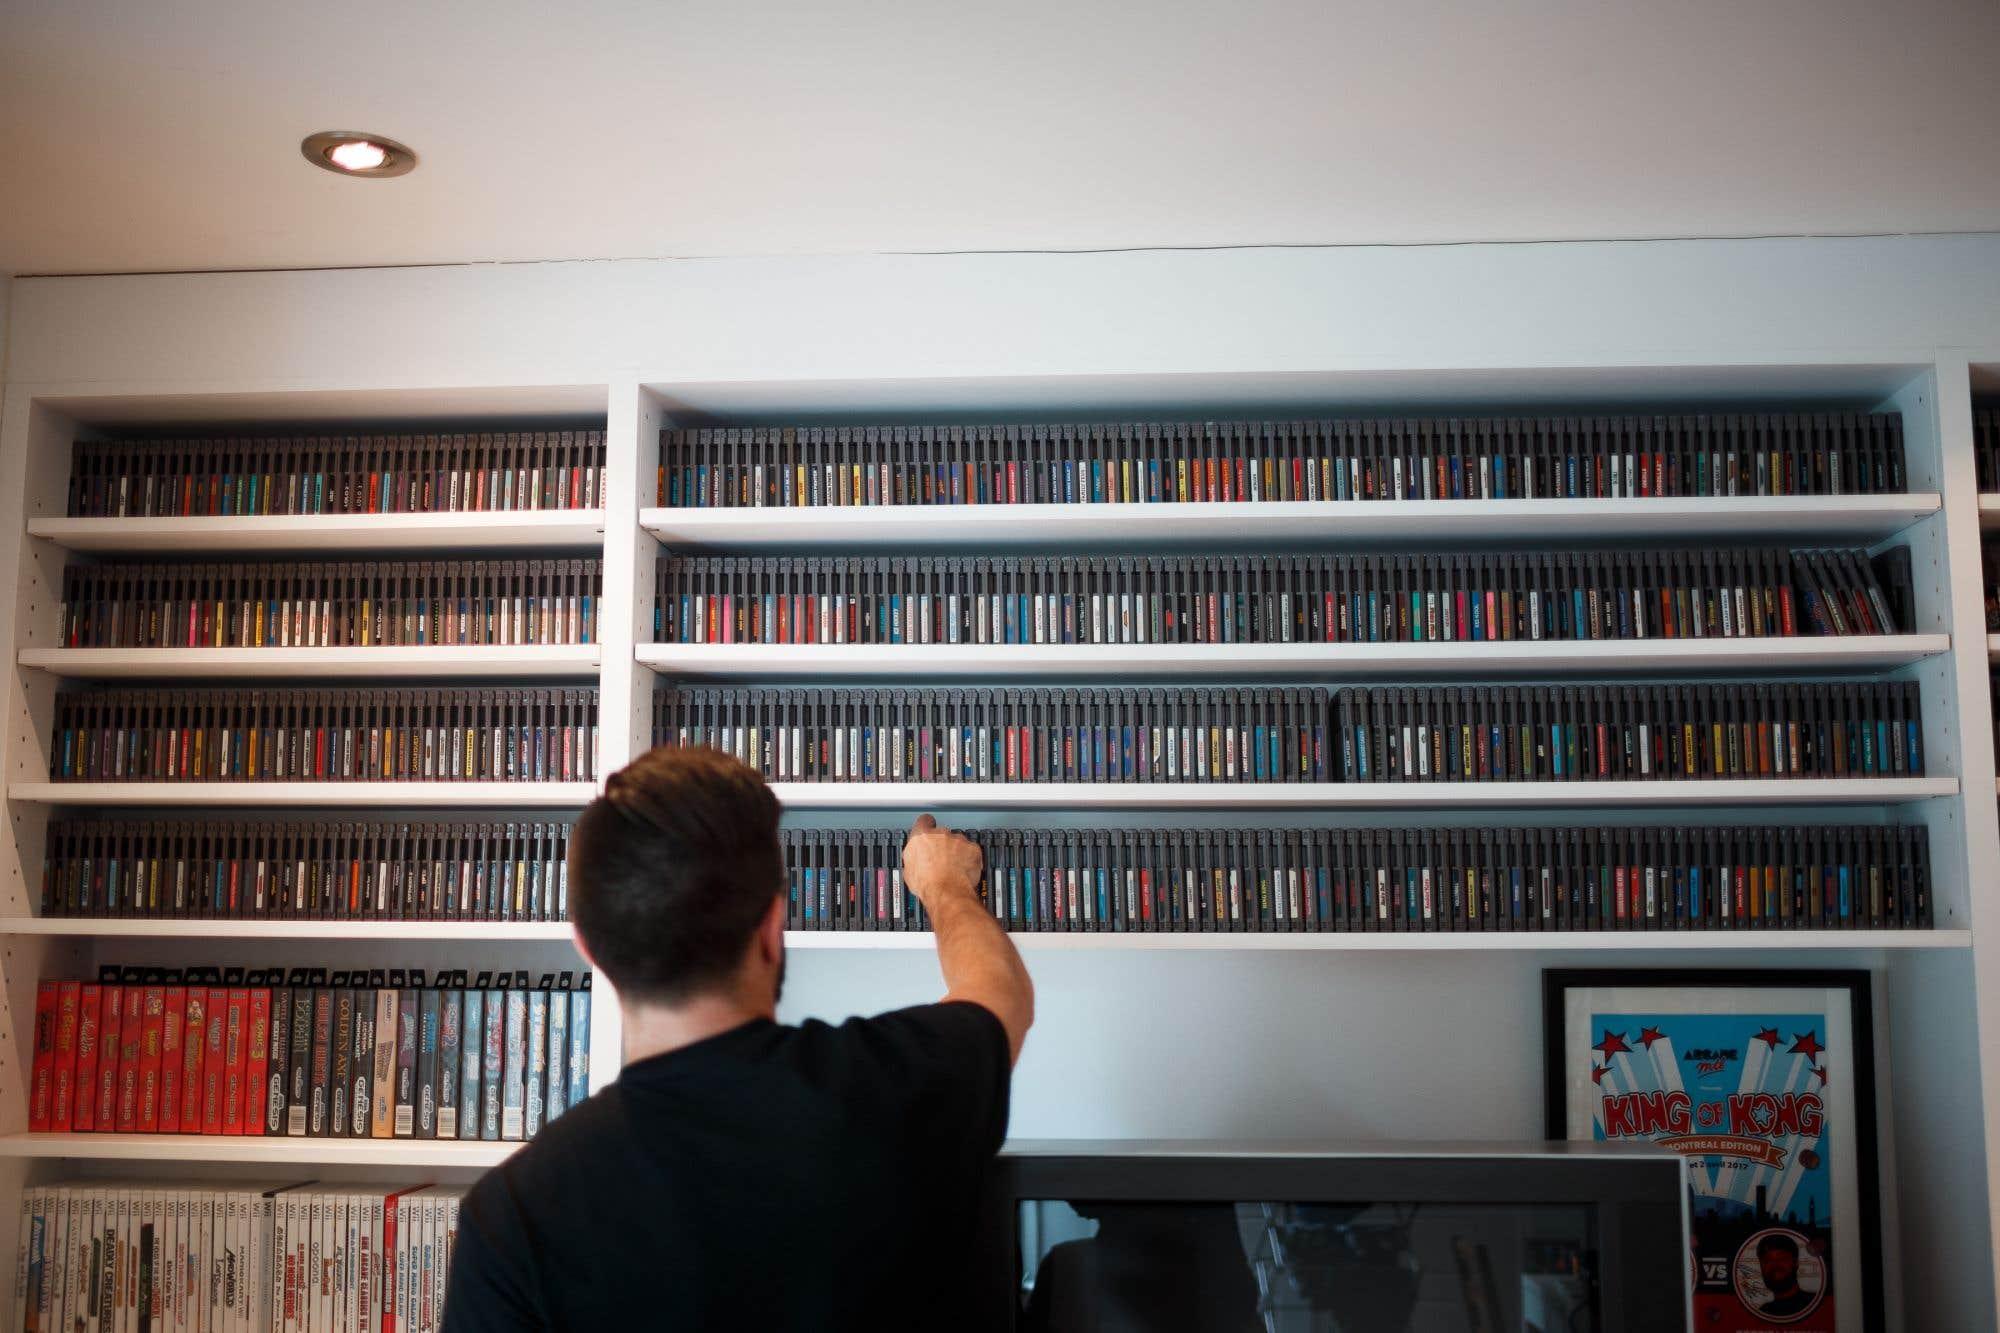 700 cassettes de NES classées par ordre alphabétique. Surnommé Papa cassette, le blogueur Dominic Bourret a réussi à réunir la collection complète des jeux de Nintendo Entertainment System disponibles en Amérique du Nord. Il ne lui manque qu'un jeu : Stadium Events, valant entre 15 000 et 20 000 $. Consultez notre texte sur le sujet